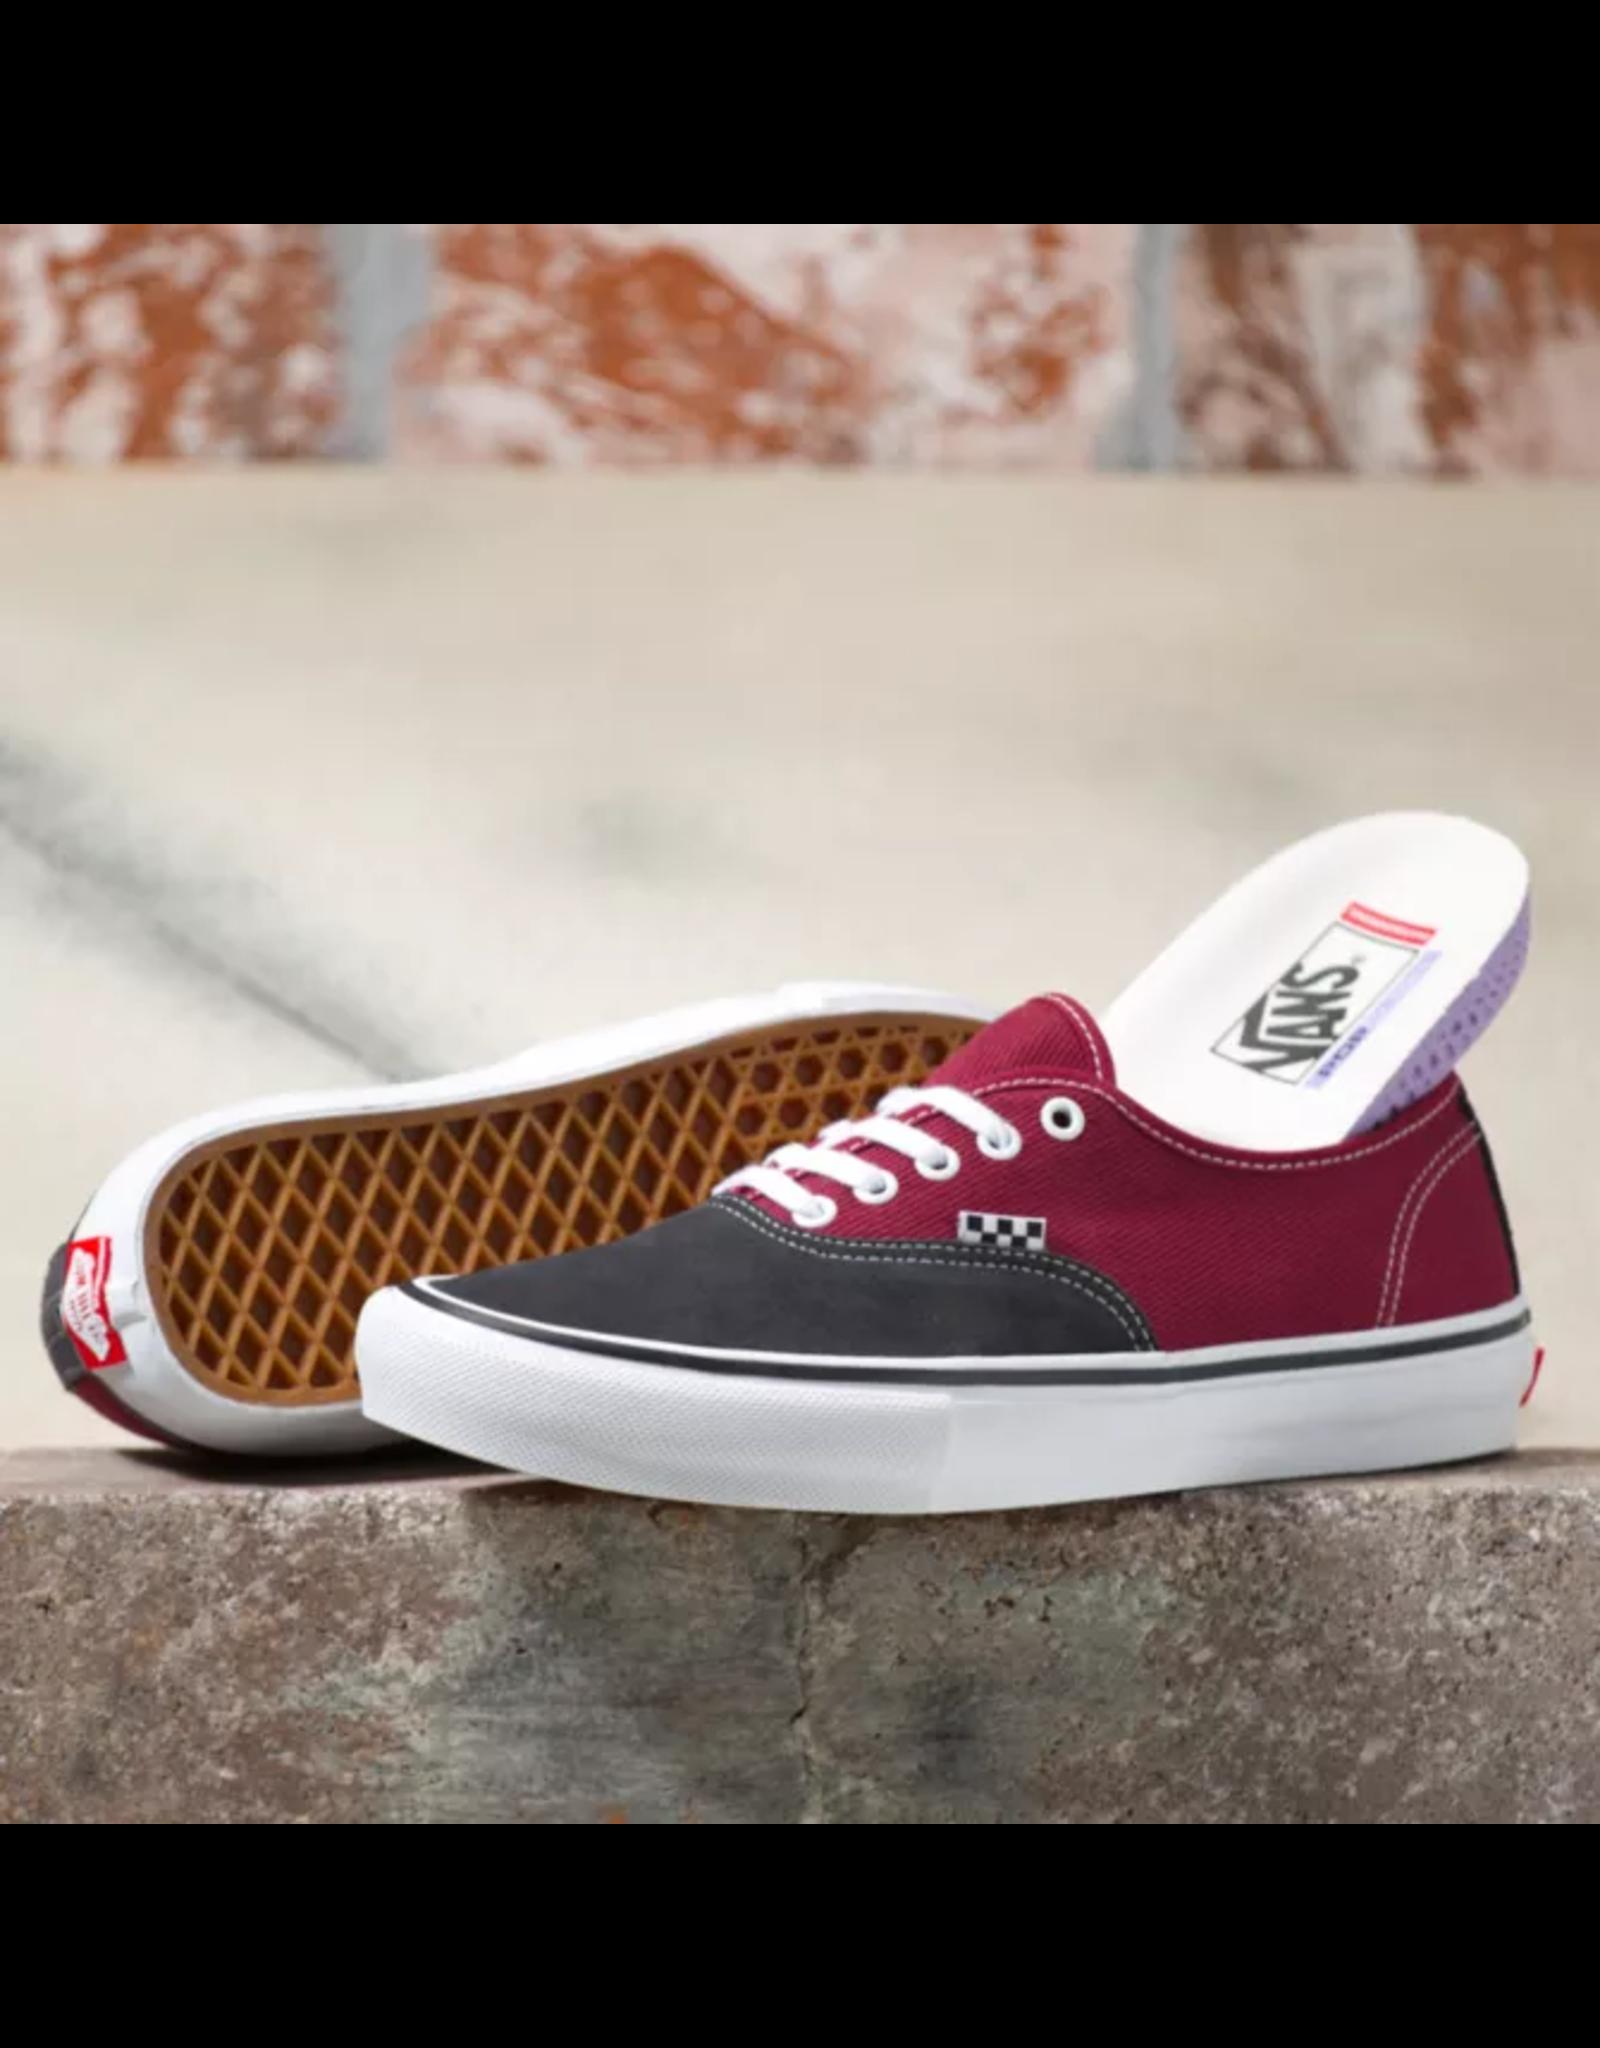 Vans Skate Authentic Shoes